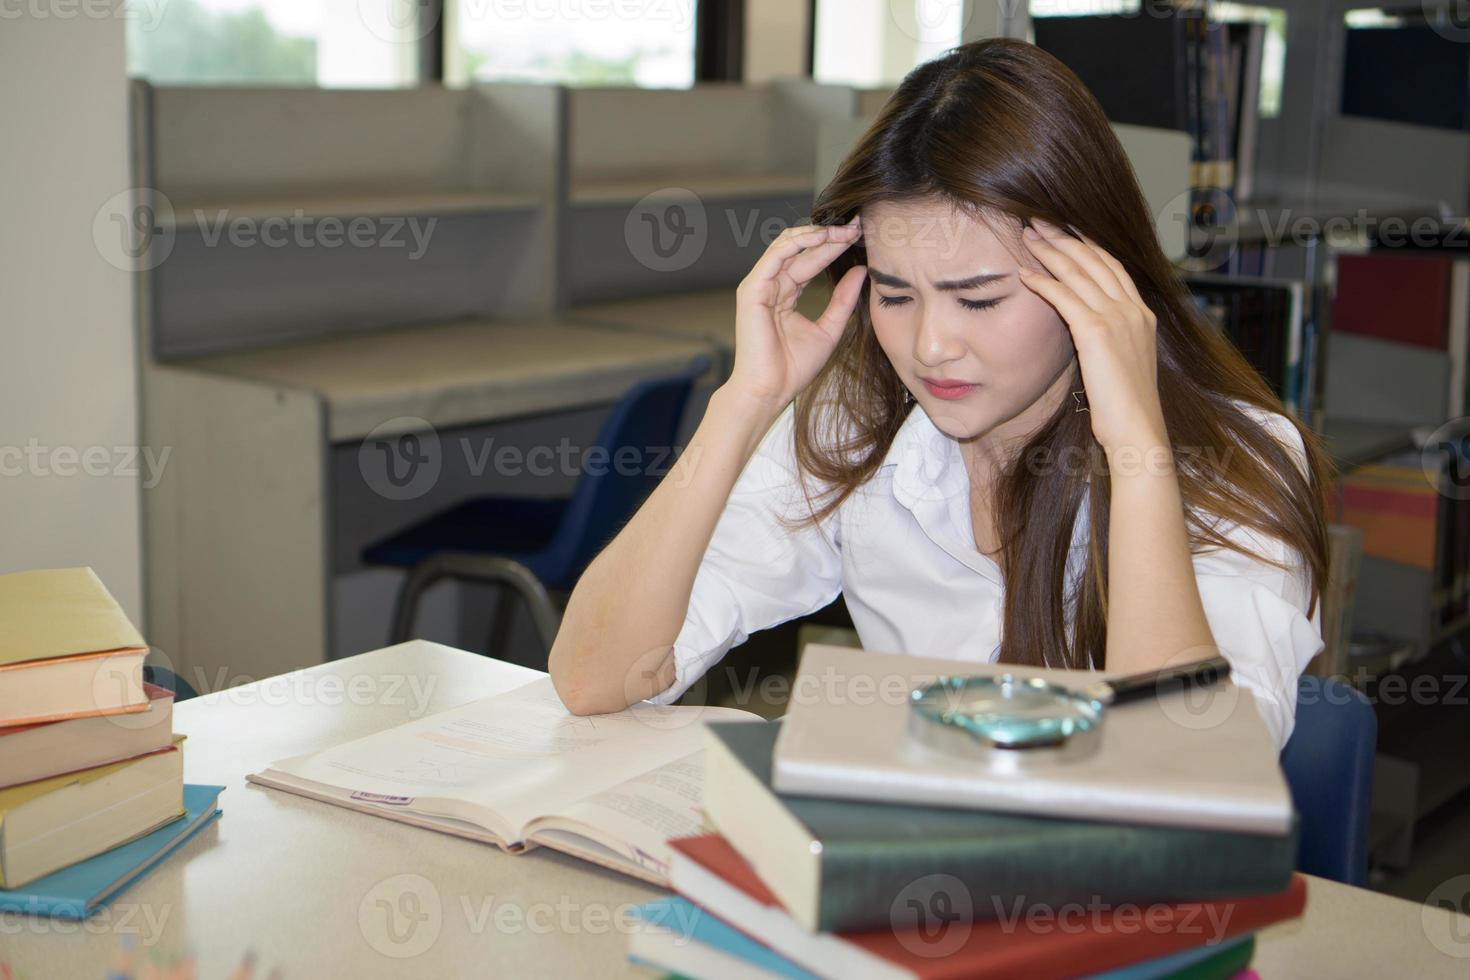 portret van student hoofd aan te raken tijdens het lezen van boek in universiteitsbibliotheek foto